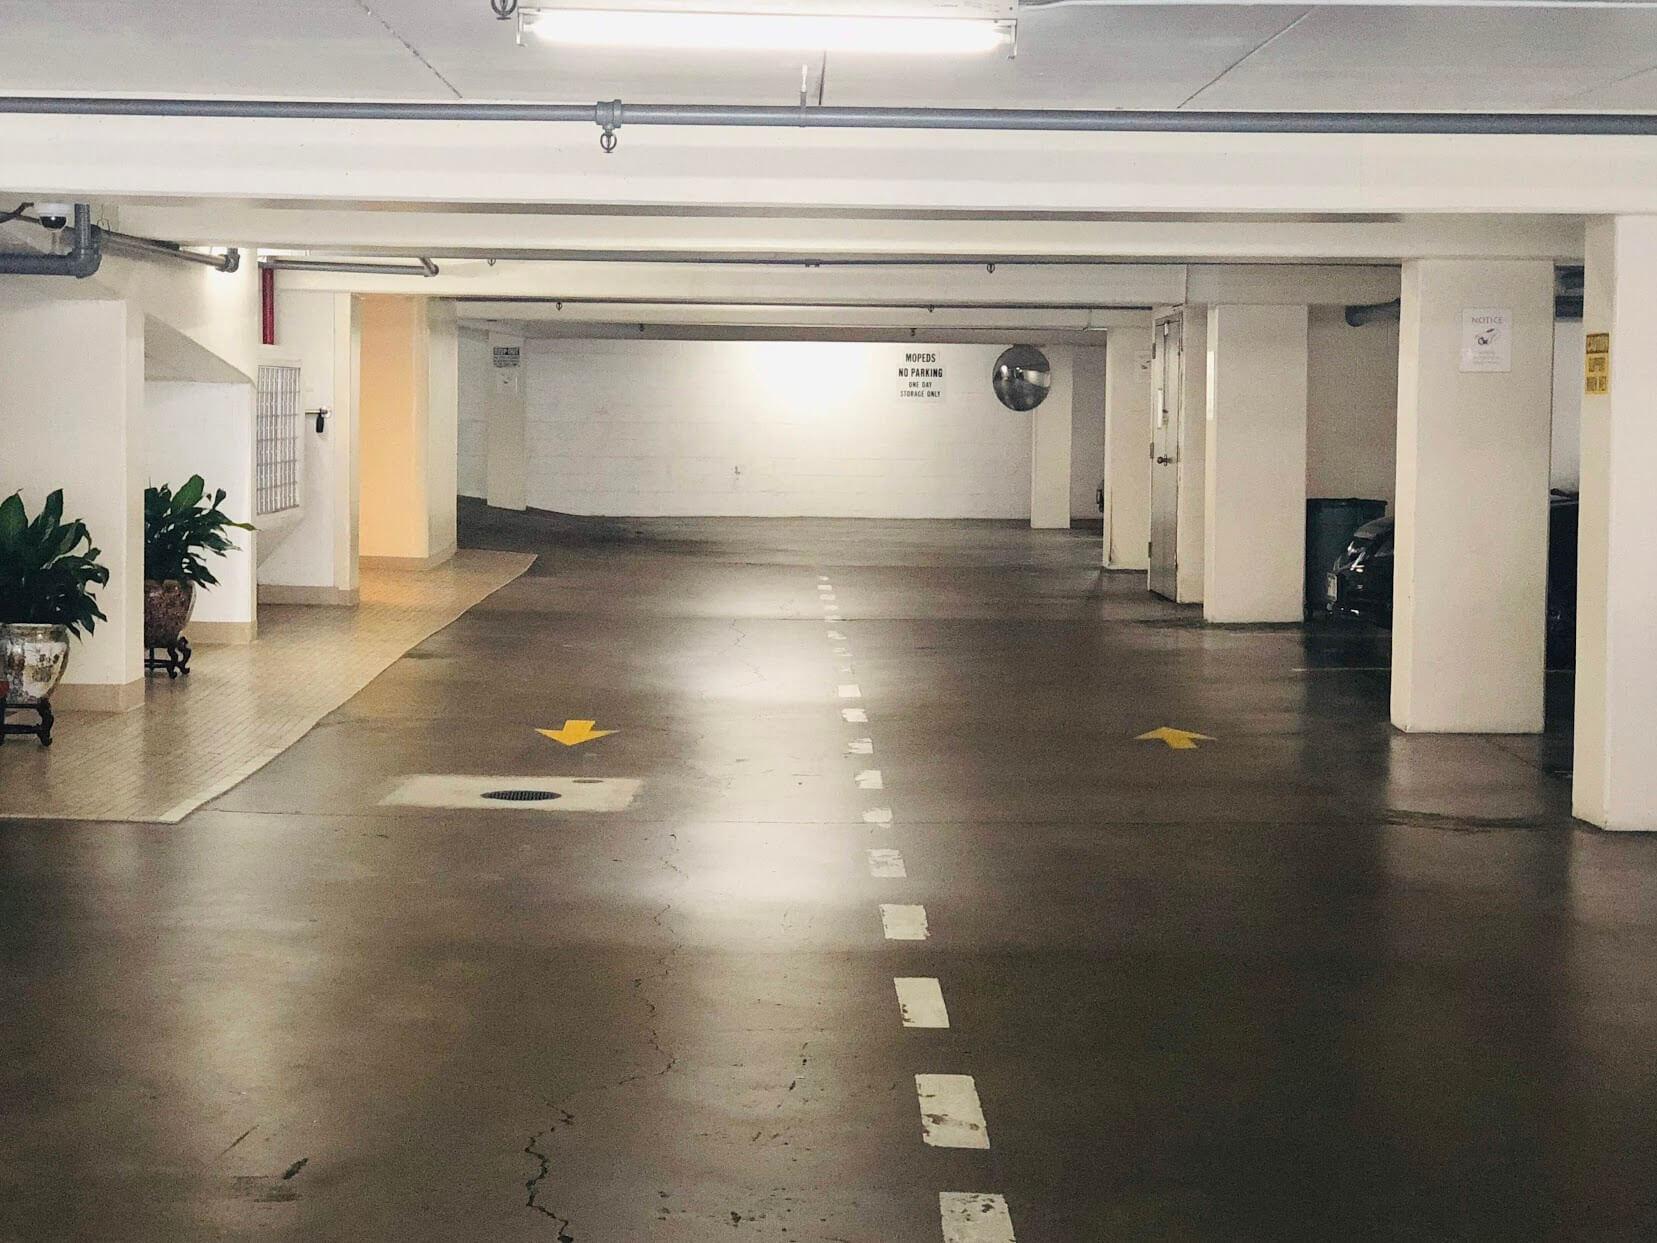 King Manorの駐車場